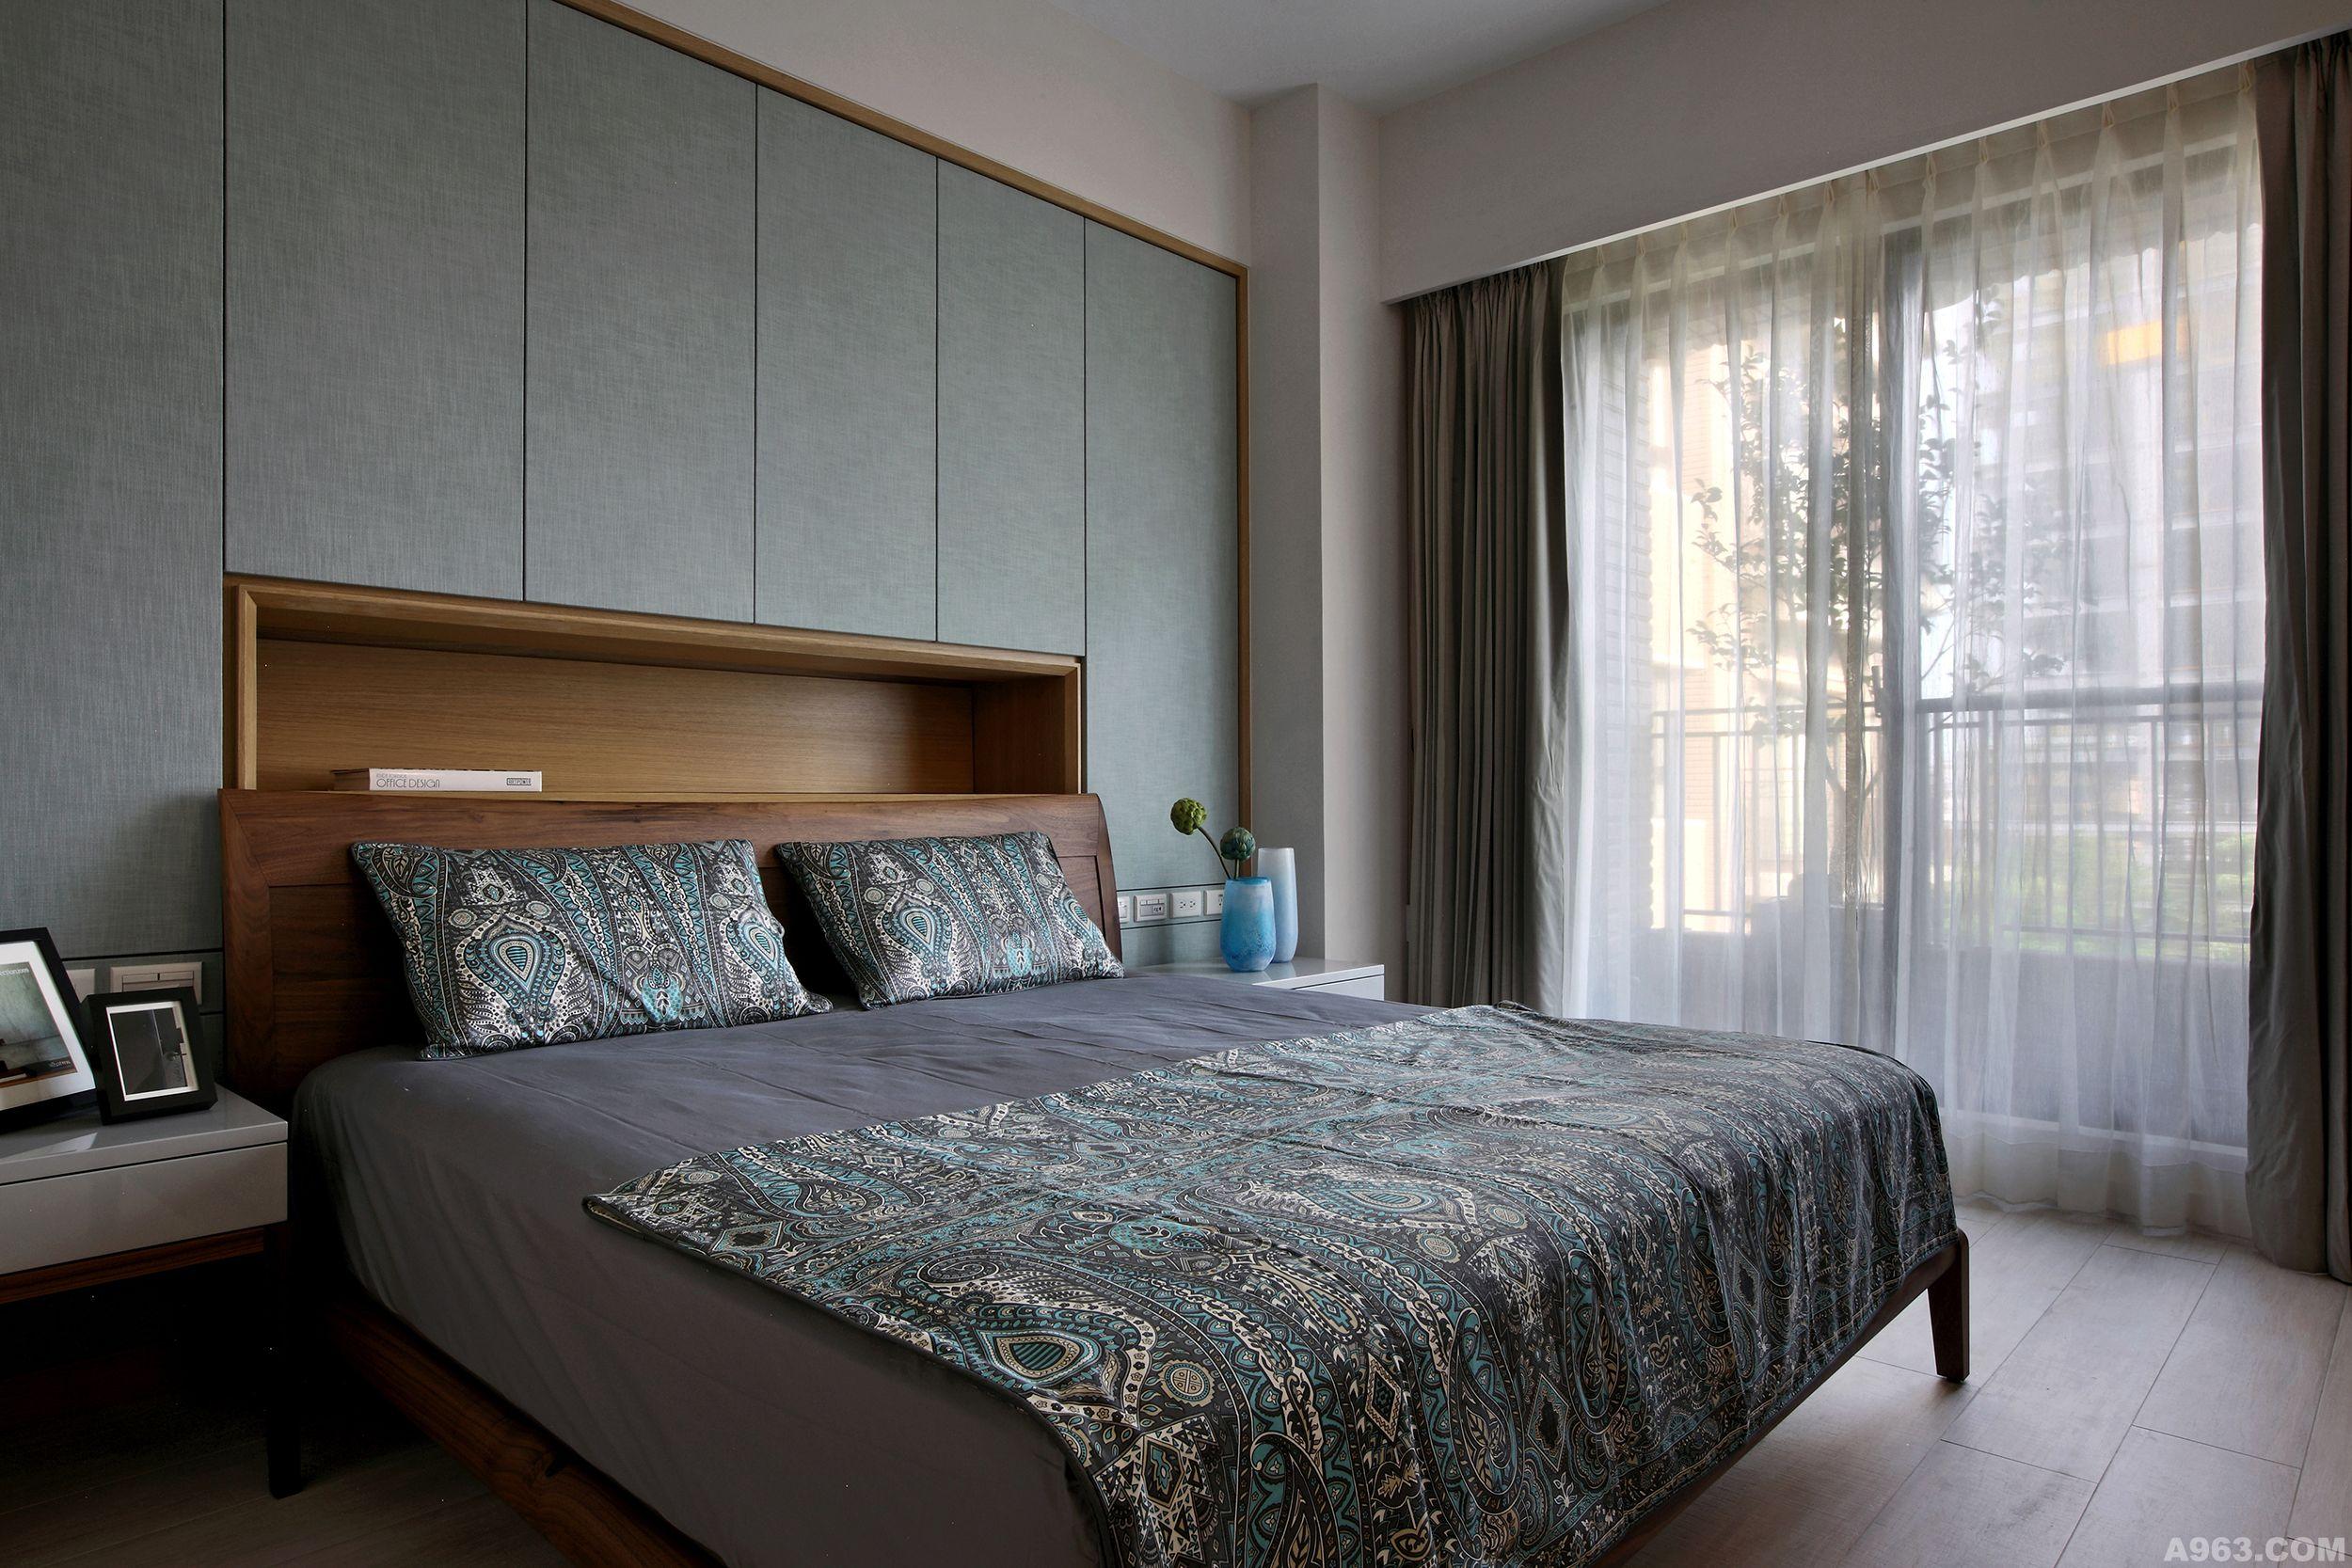 背景墙 房间 家居 起居室 设计 卧室 卧室装修 现代 装修 2500_1667